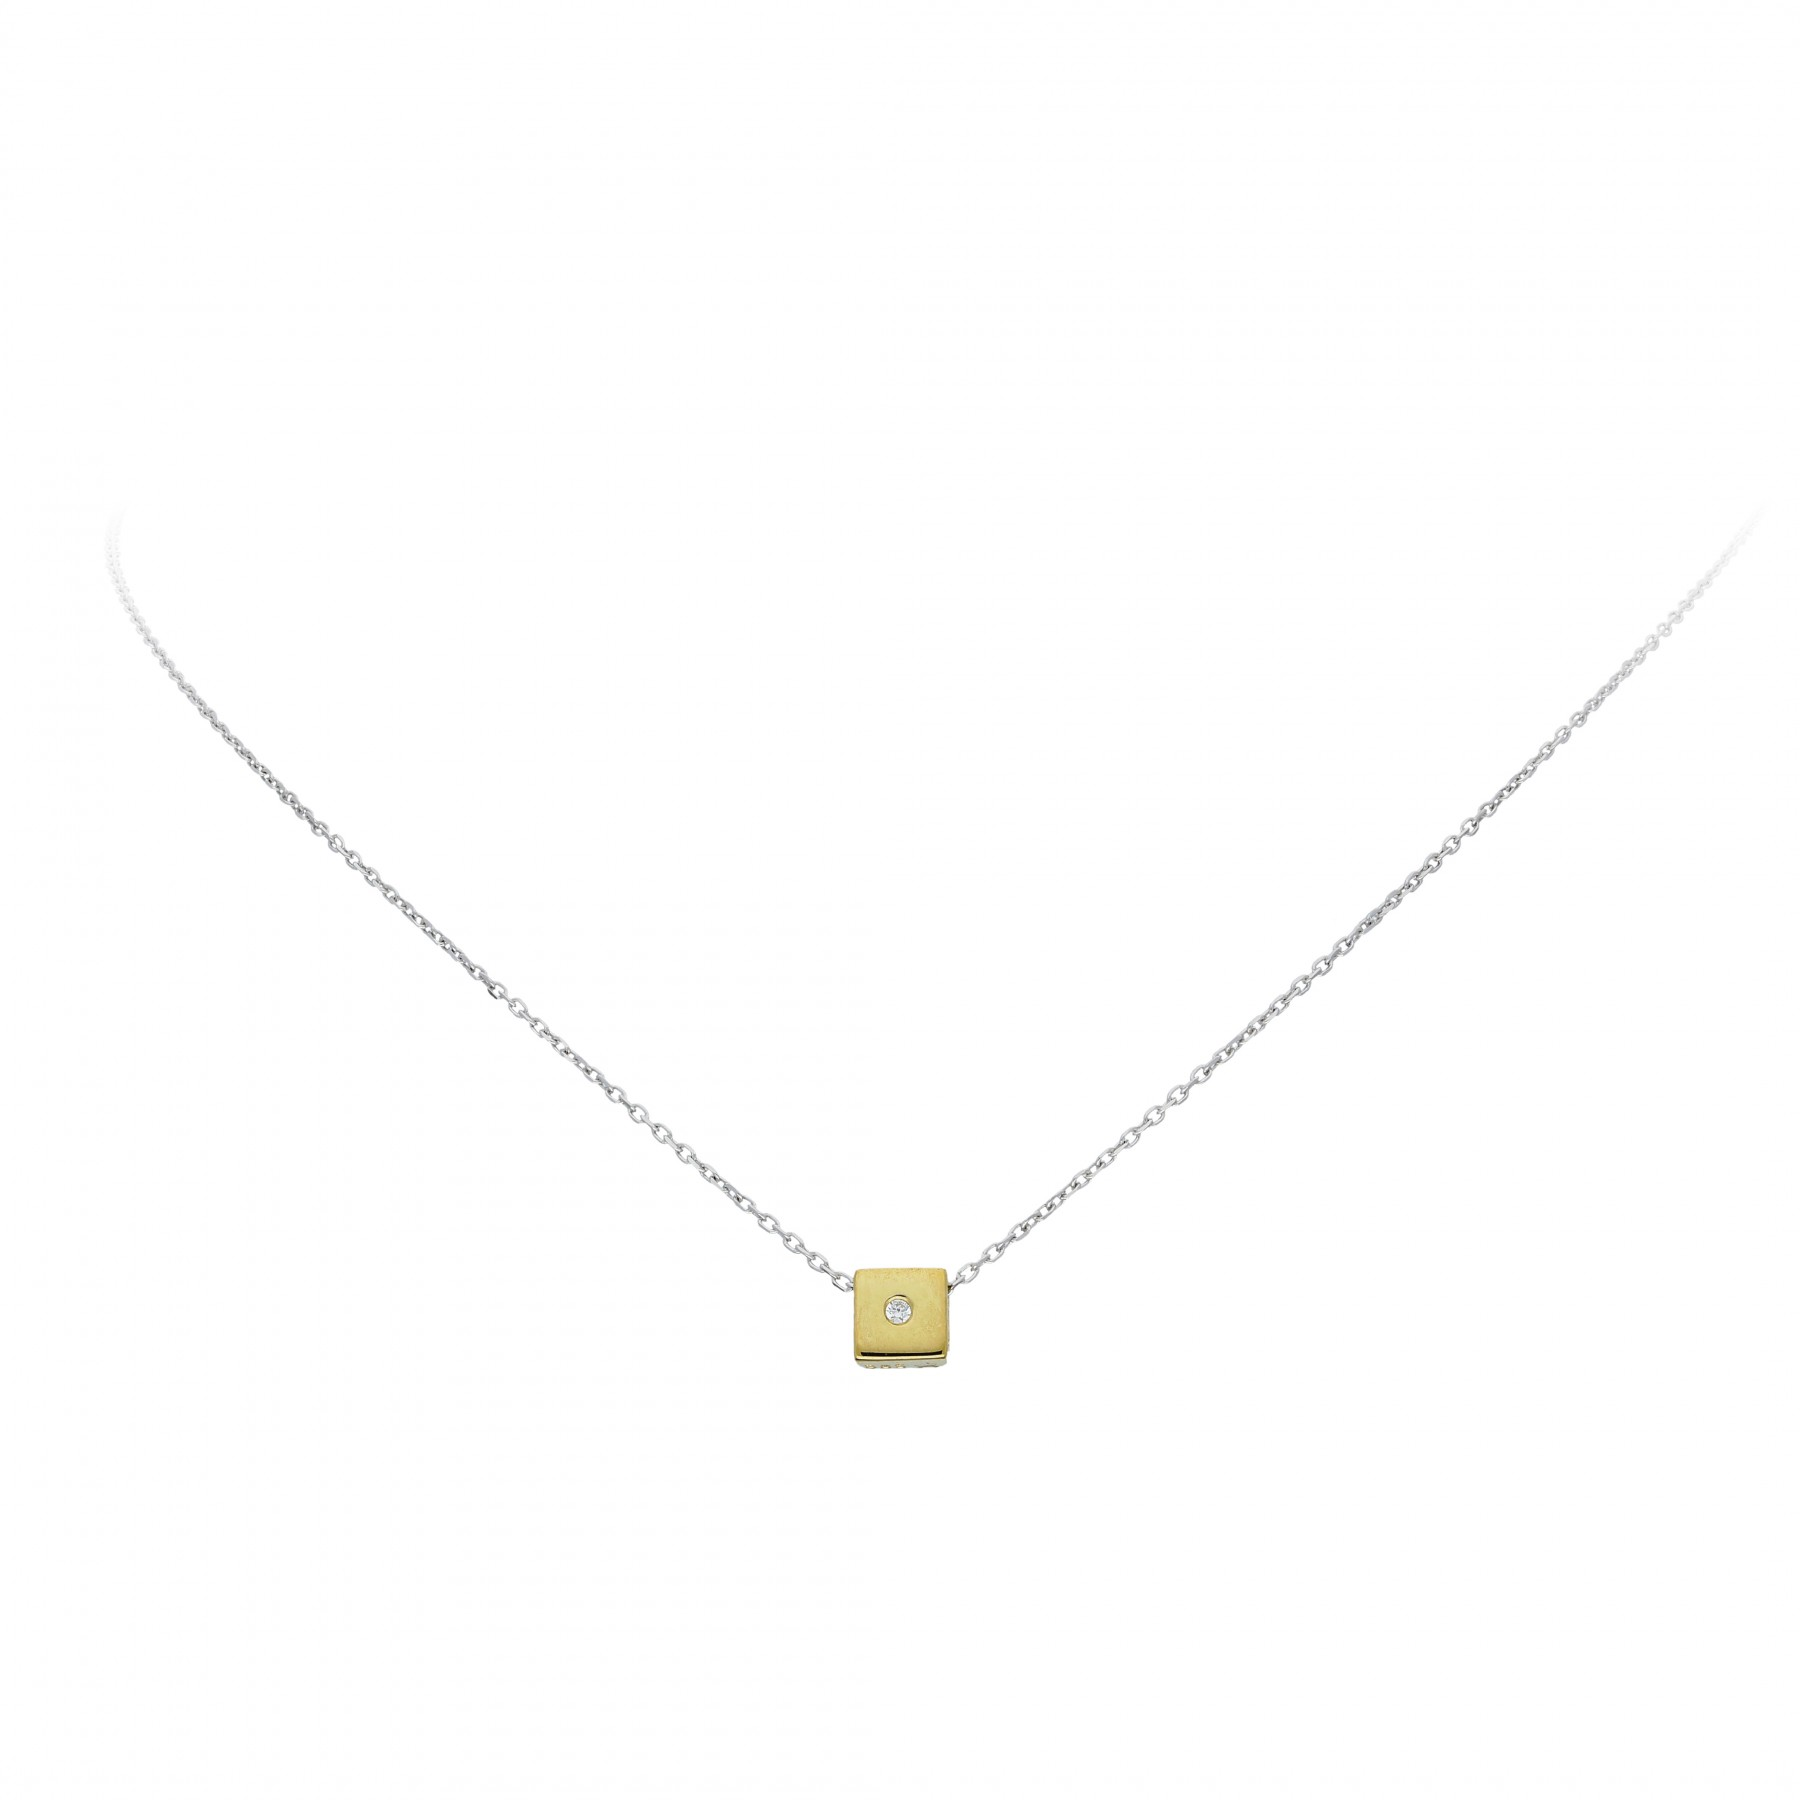 Glow Gouden Collier Met Hanger - 42 Cm Vierkant Zirko Ankerschakel 202.5022.42